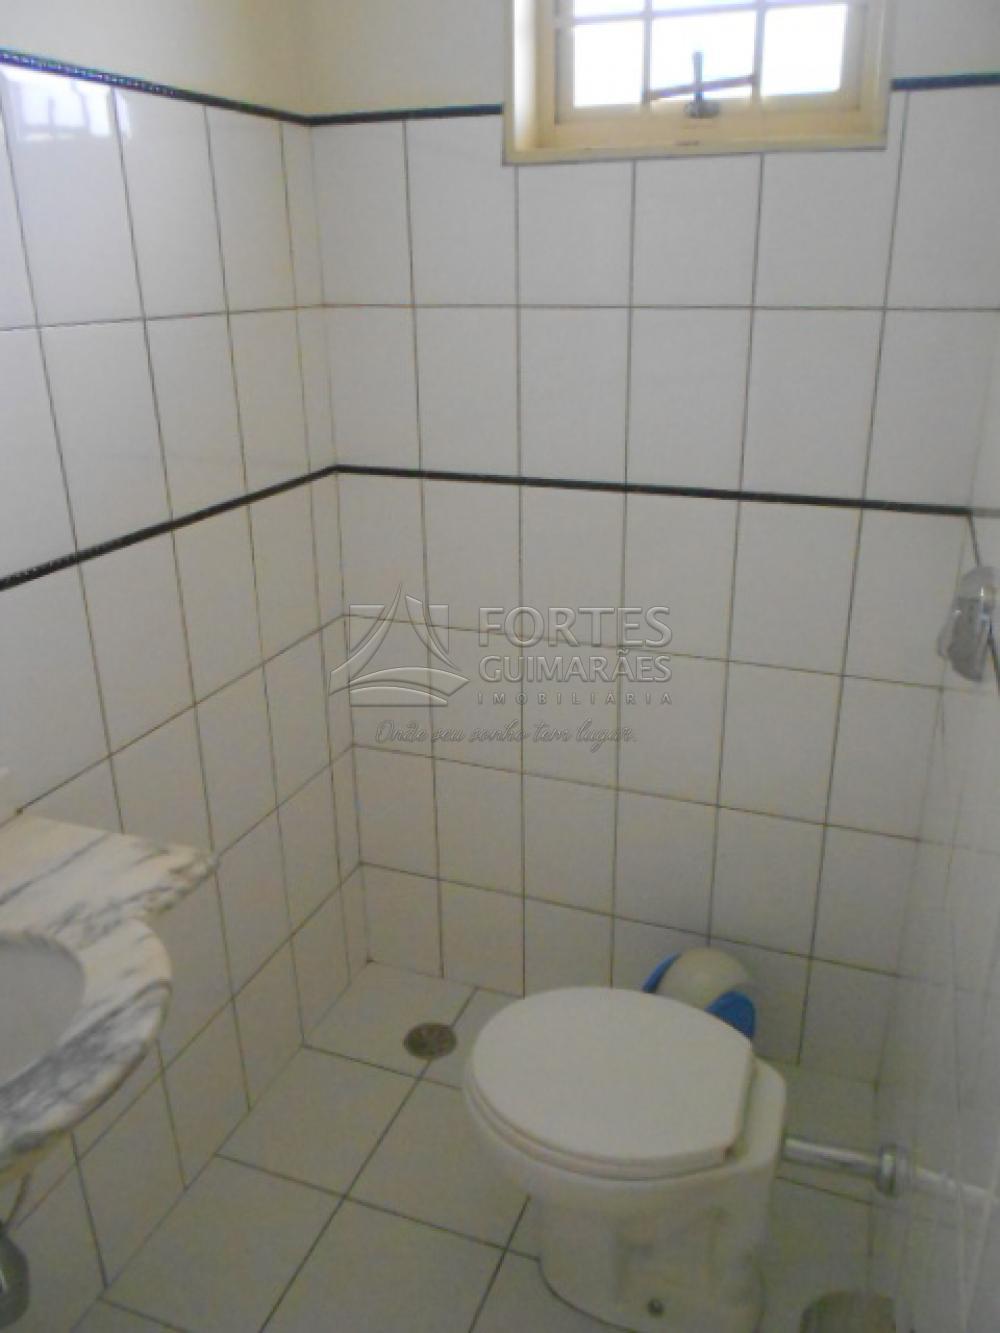 Alugar Comercial / Imóvel Comercial em Ribeirão Preto apenas R$ 3.000,00 - Foto 16